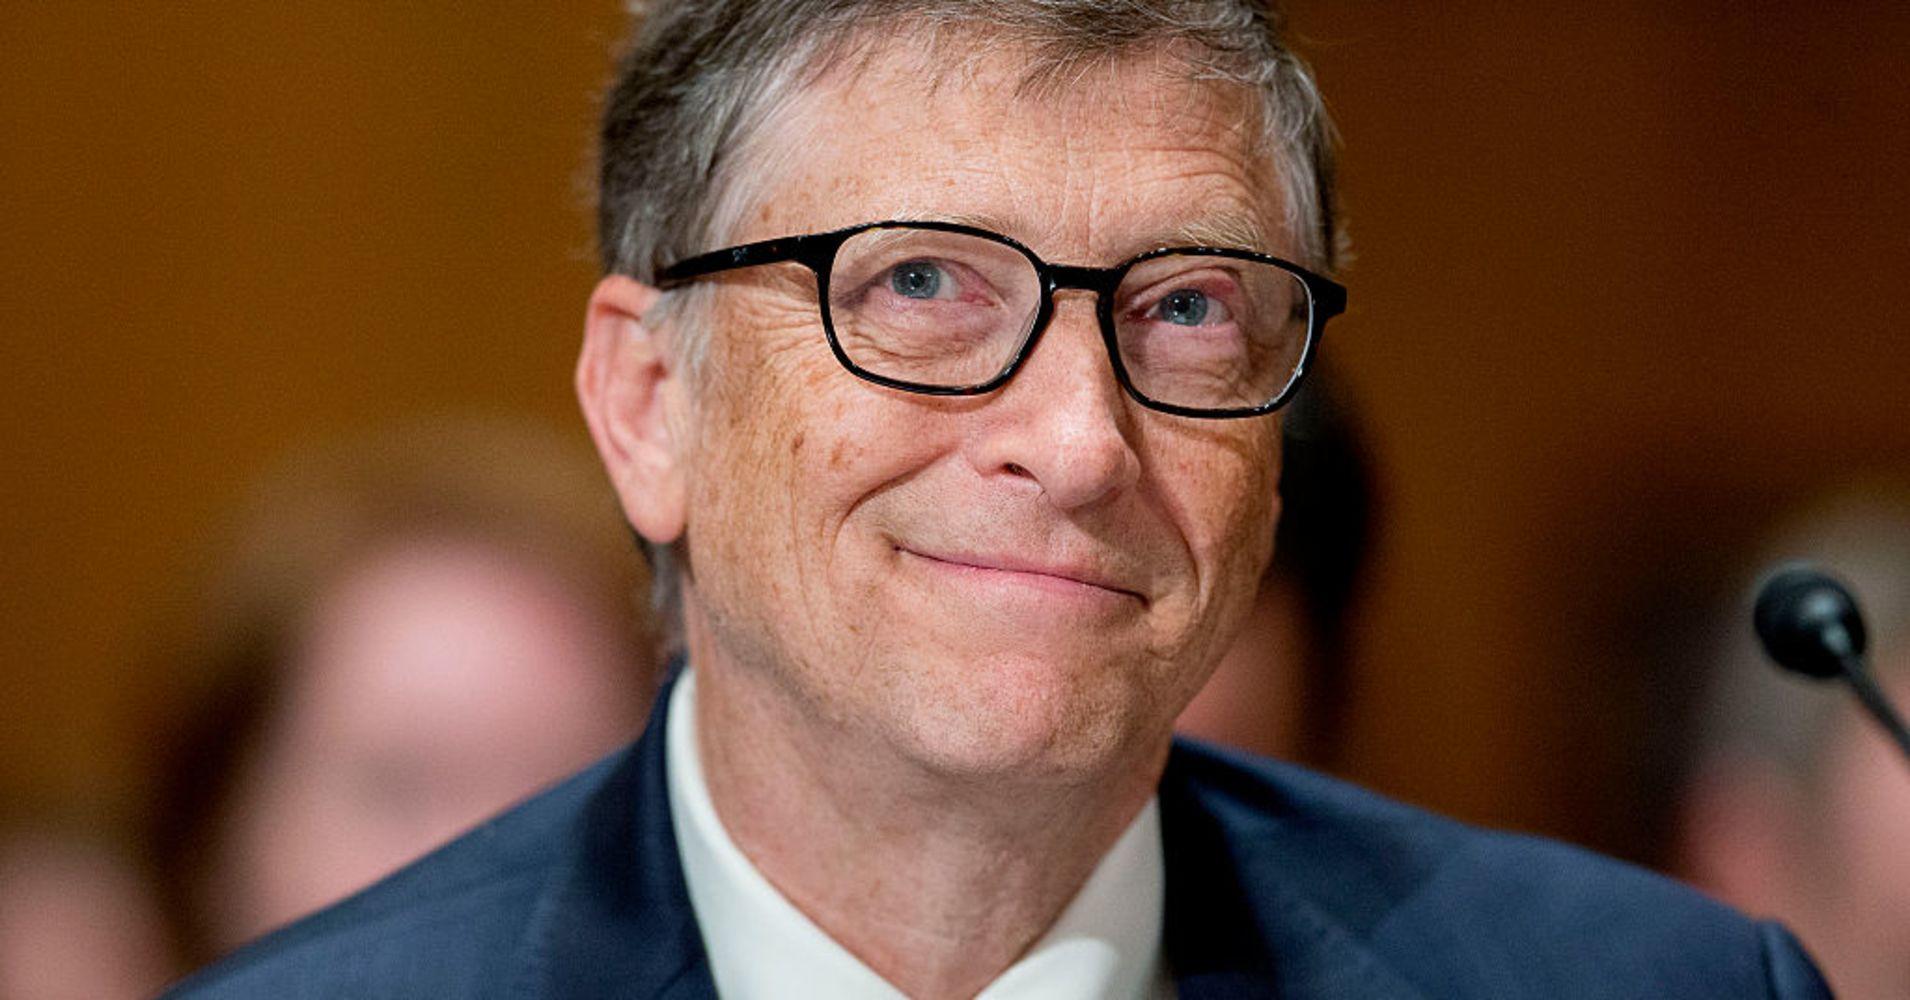 Bill Gates avec son petit air mi-génie, mi-comique